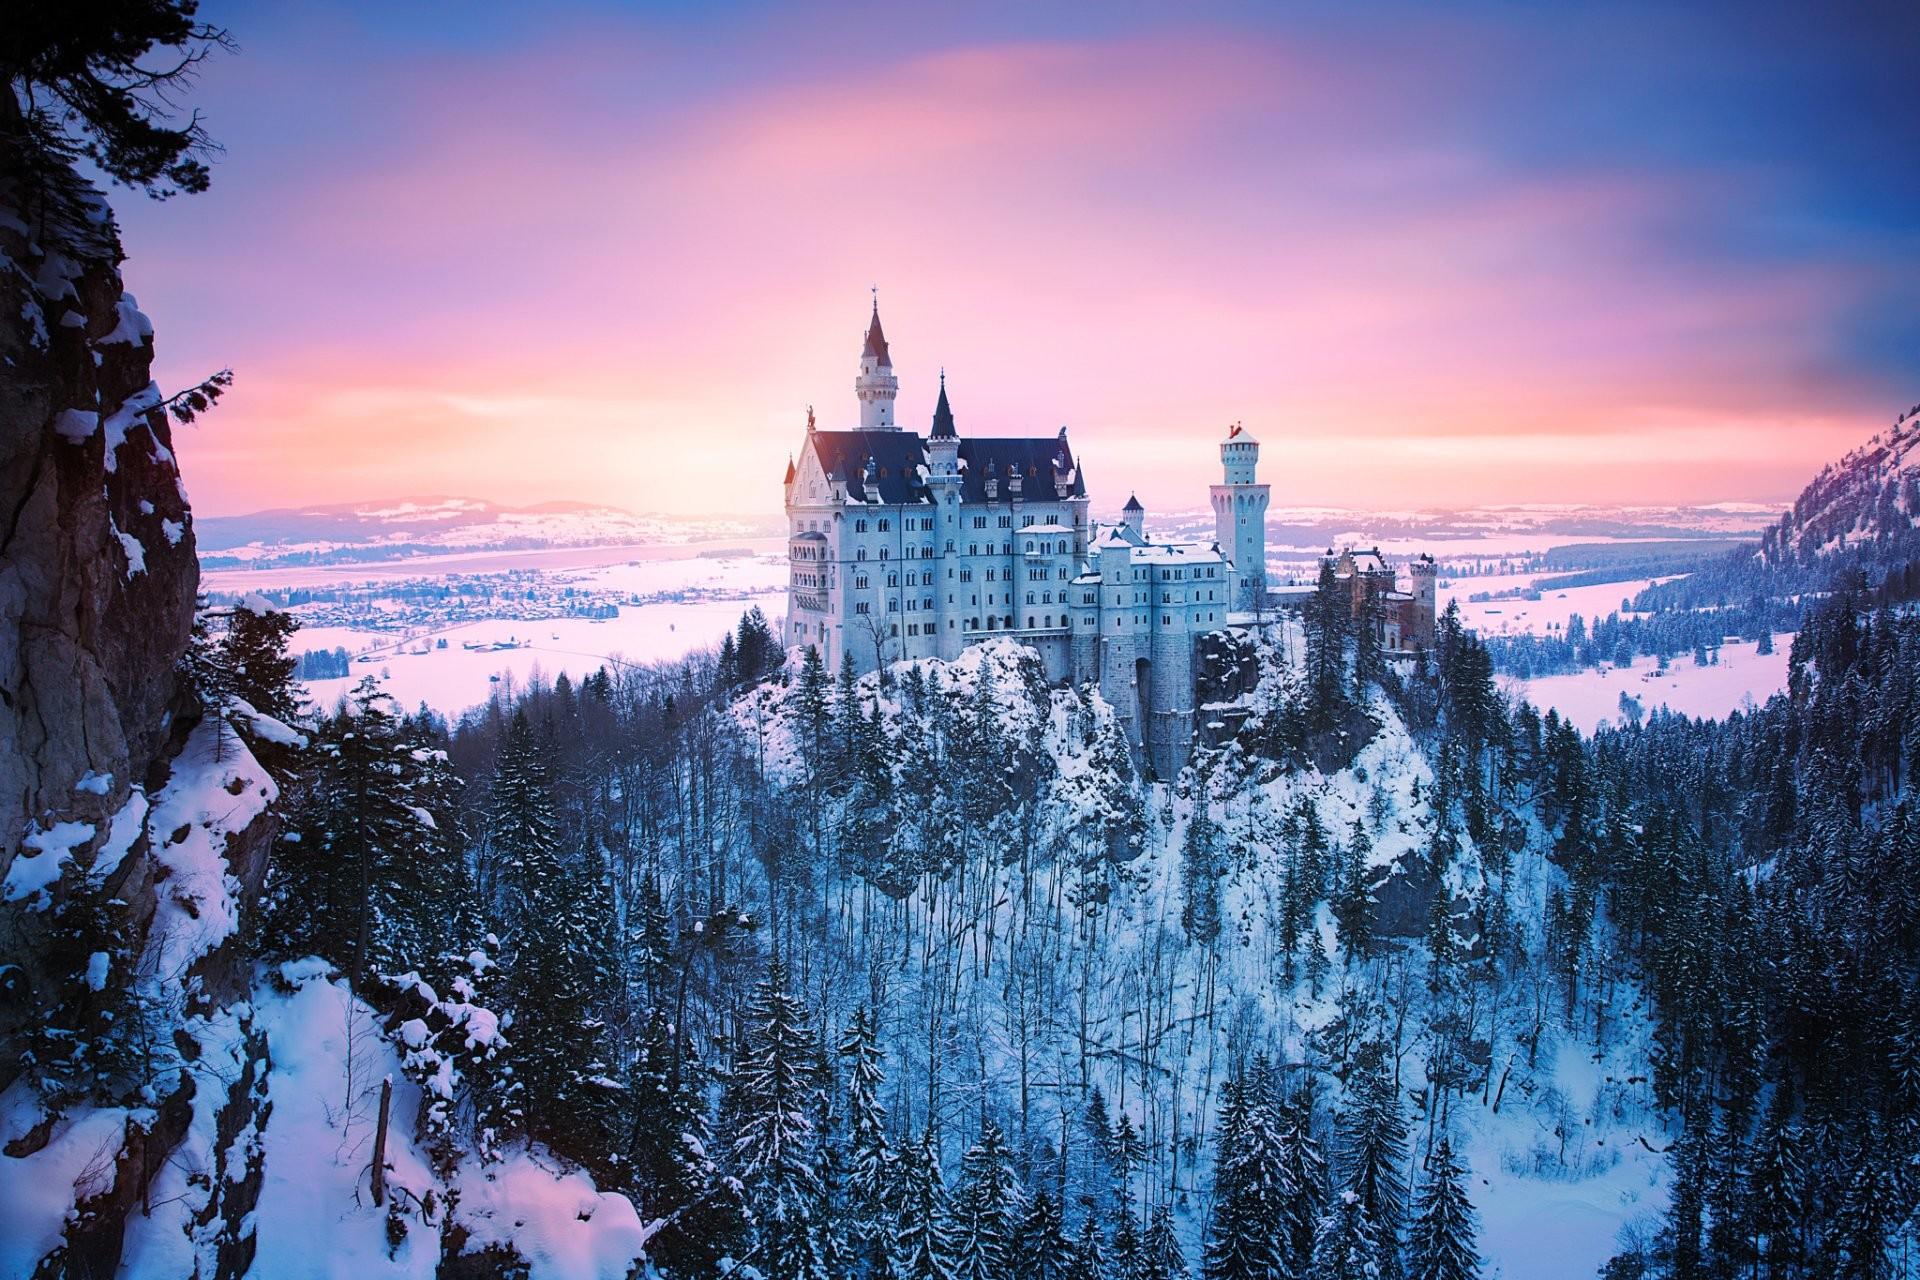 Winter Castle Wallpaper (66+ images)